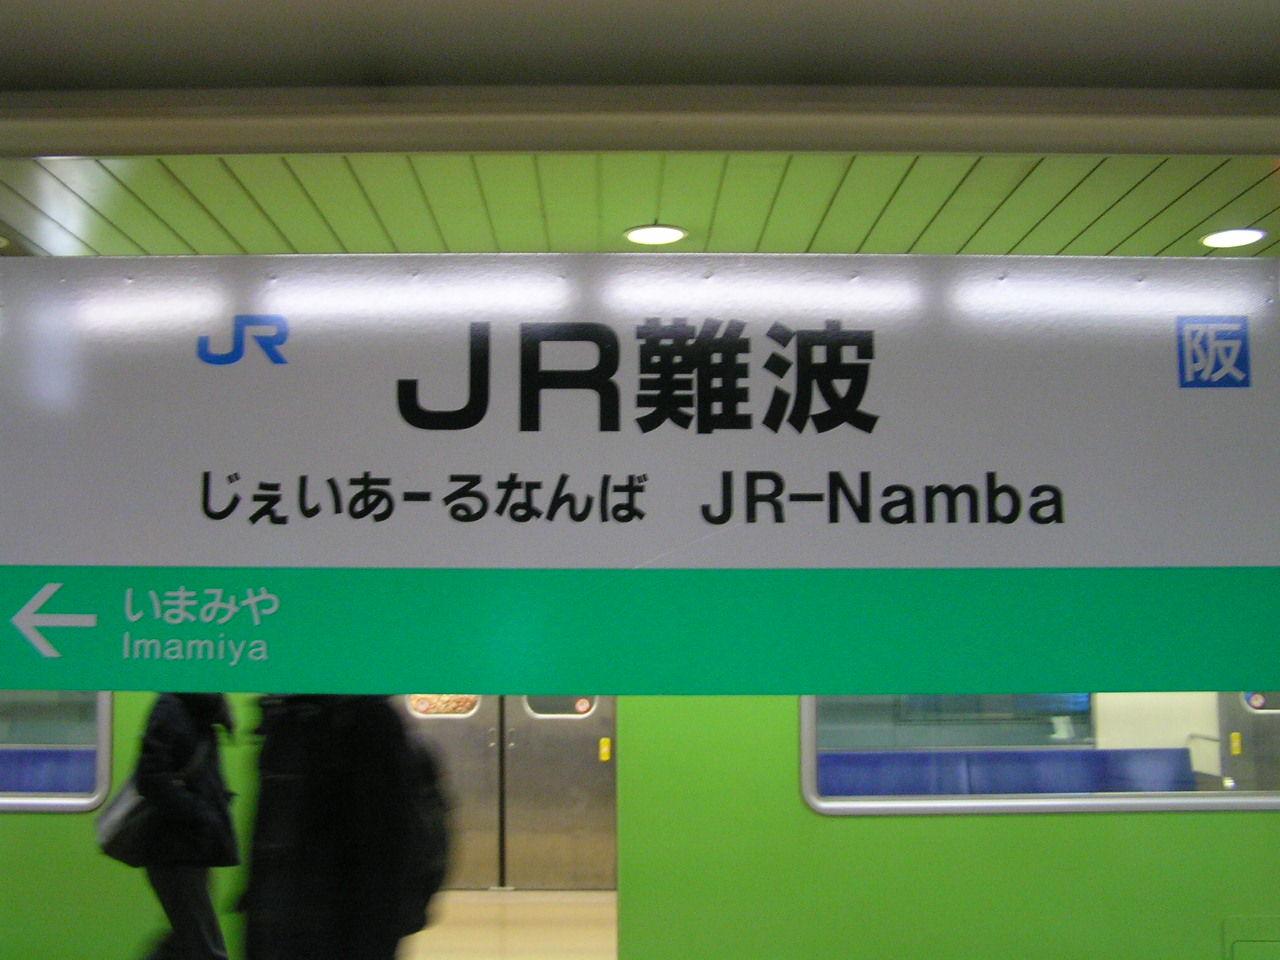 https://livedoor.blogimg.jp/jre231train/imgs/e/4/e4b308f6.jpg